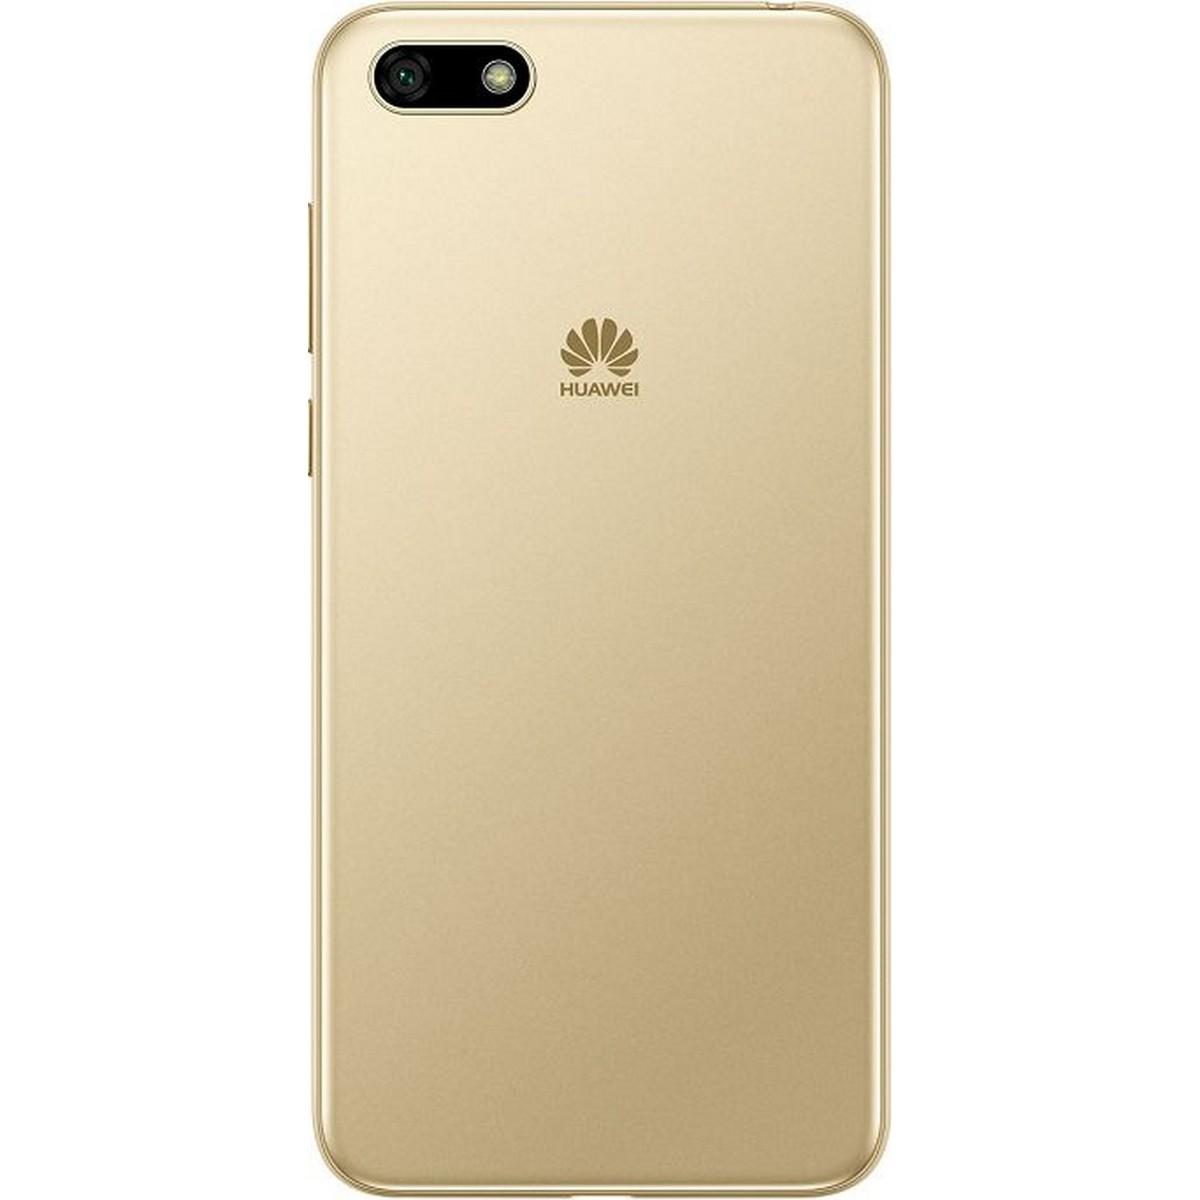 Buy Huawei Y5-Prime 2018 16GB Gold - Smart Phones - Lulu Webstore QATAR